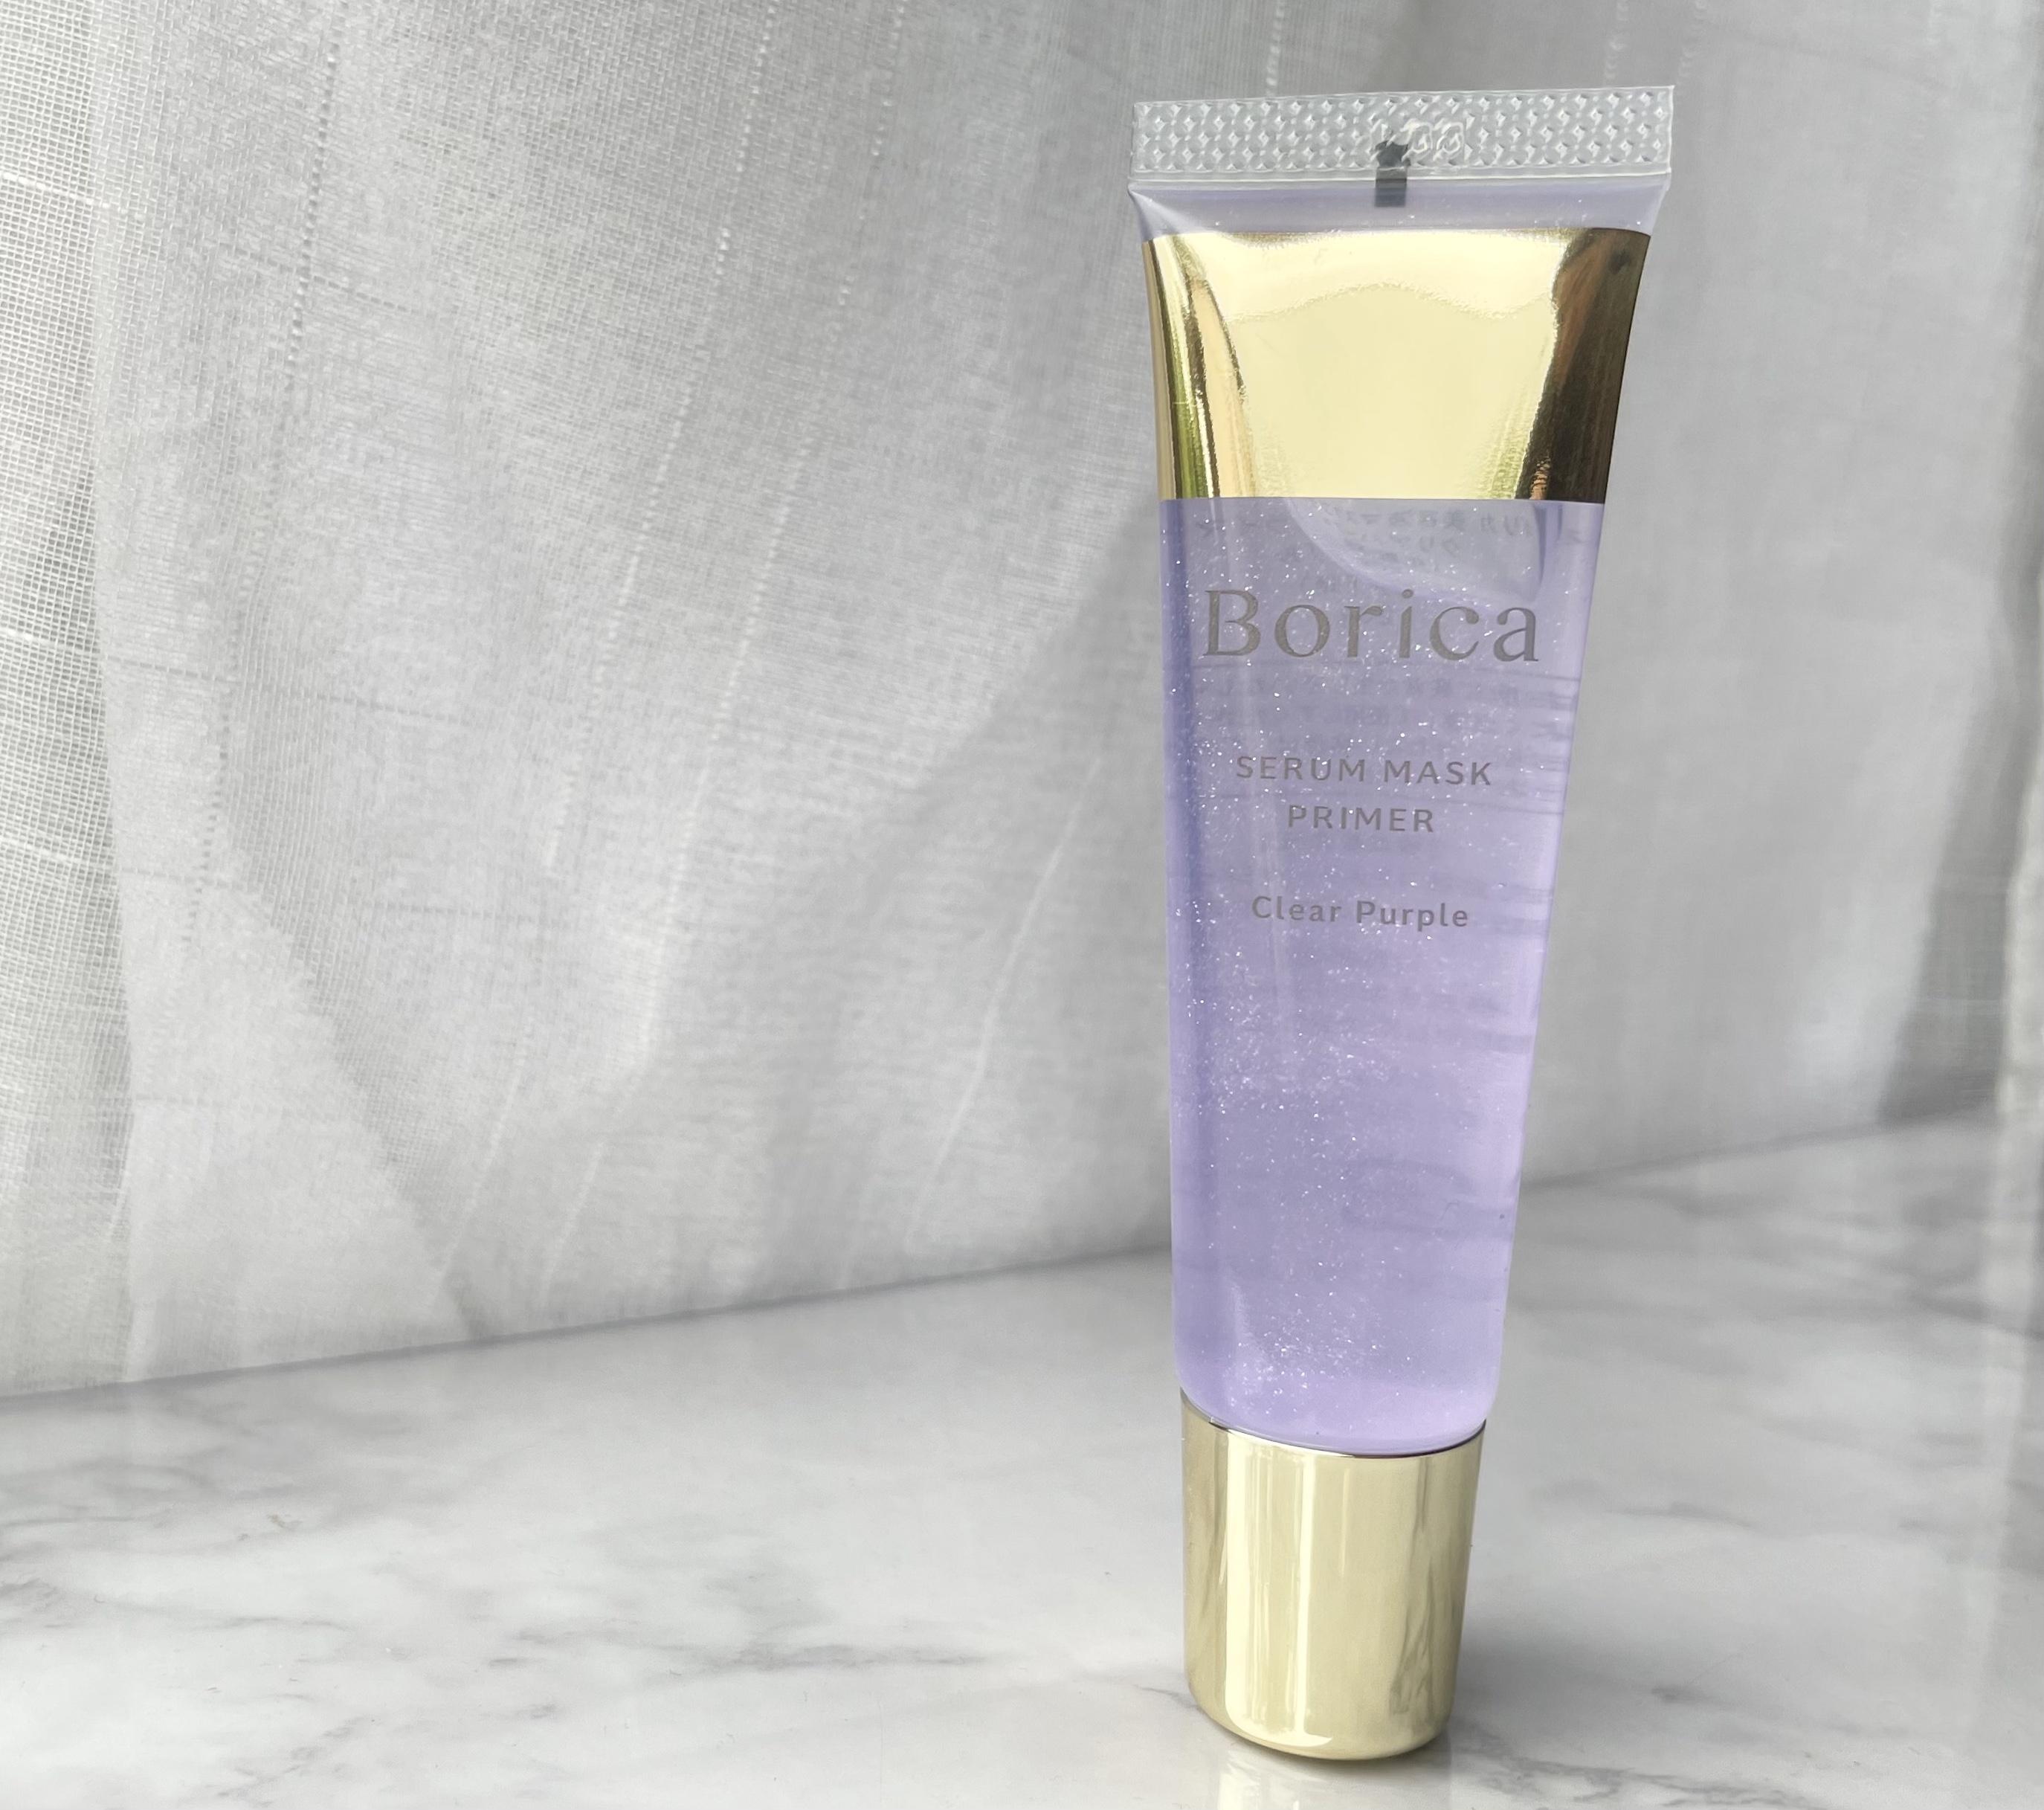 Borica(ボリカ) 美容液マスクプライマーの良い点・メリットに関するあひるさんの口コミ画像1